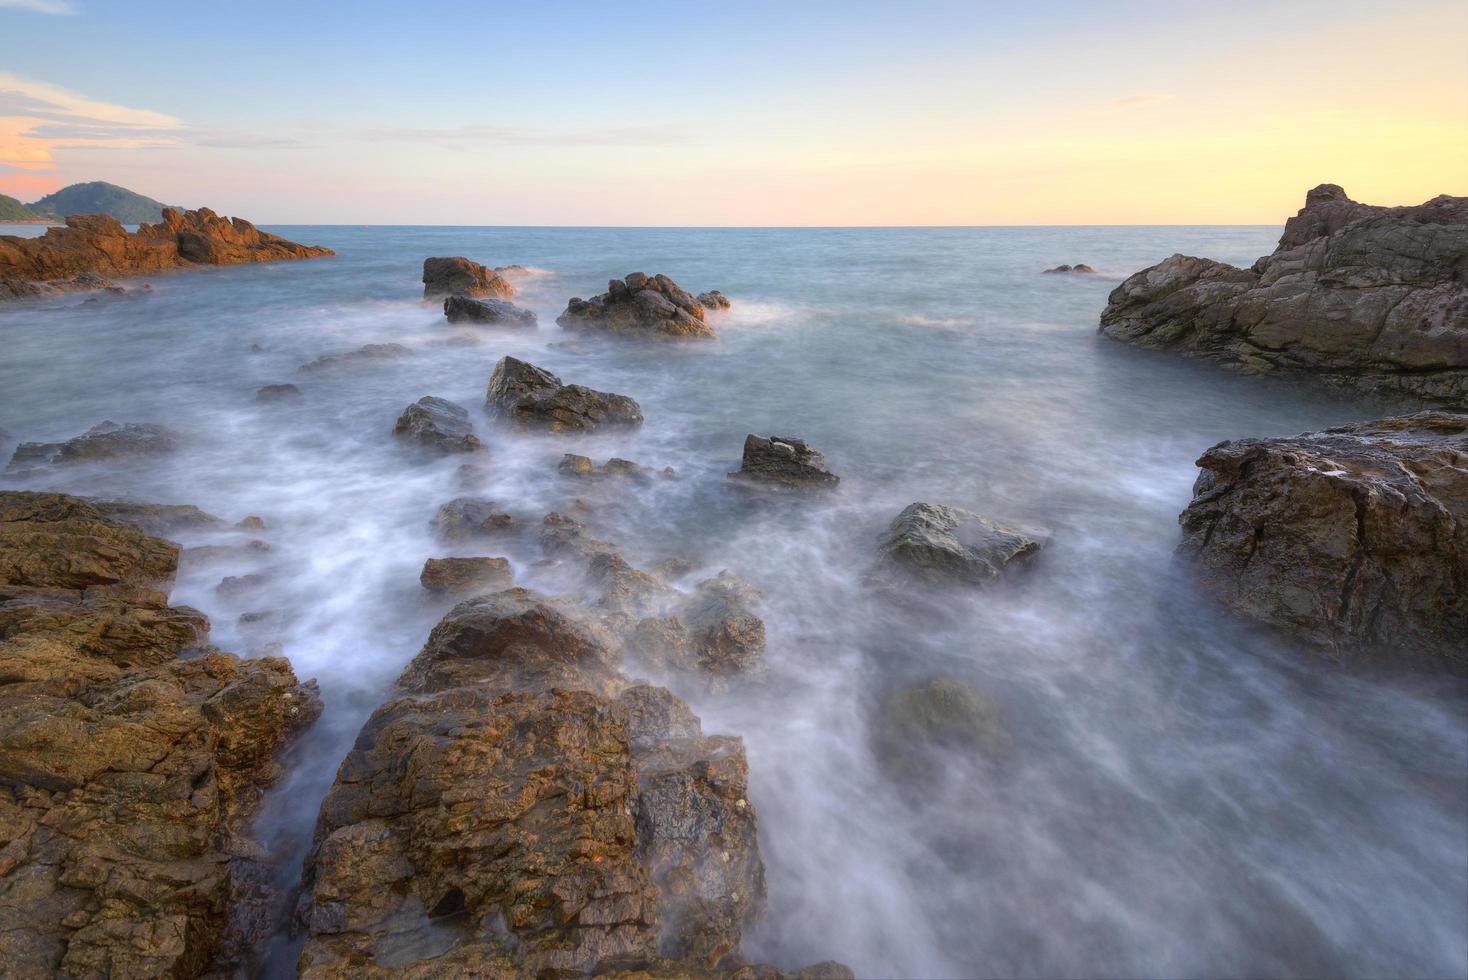 lunga esposizione di una spiaggia rocciosa foto